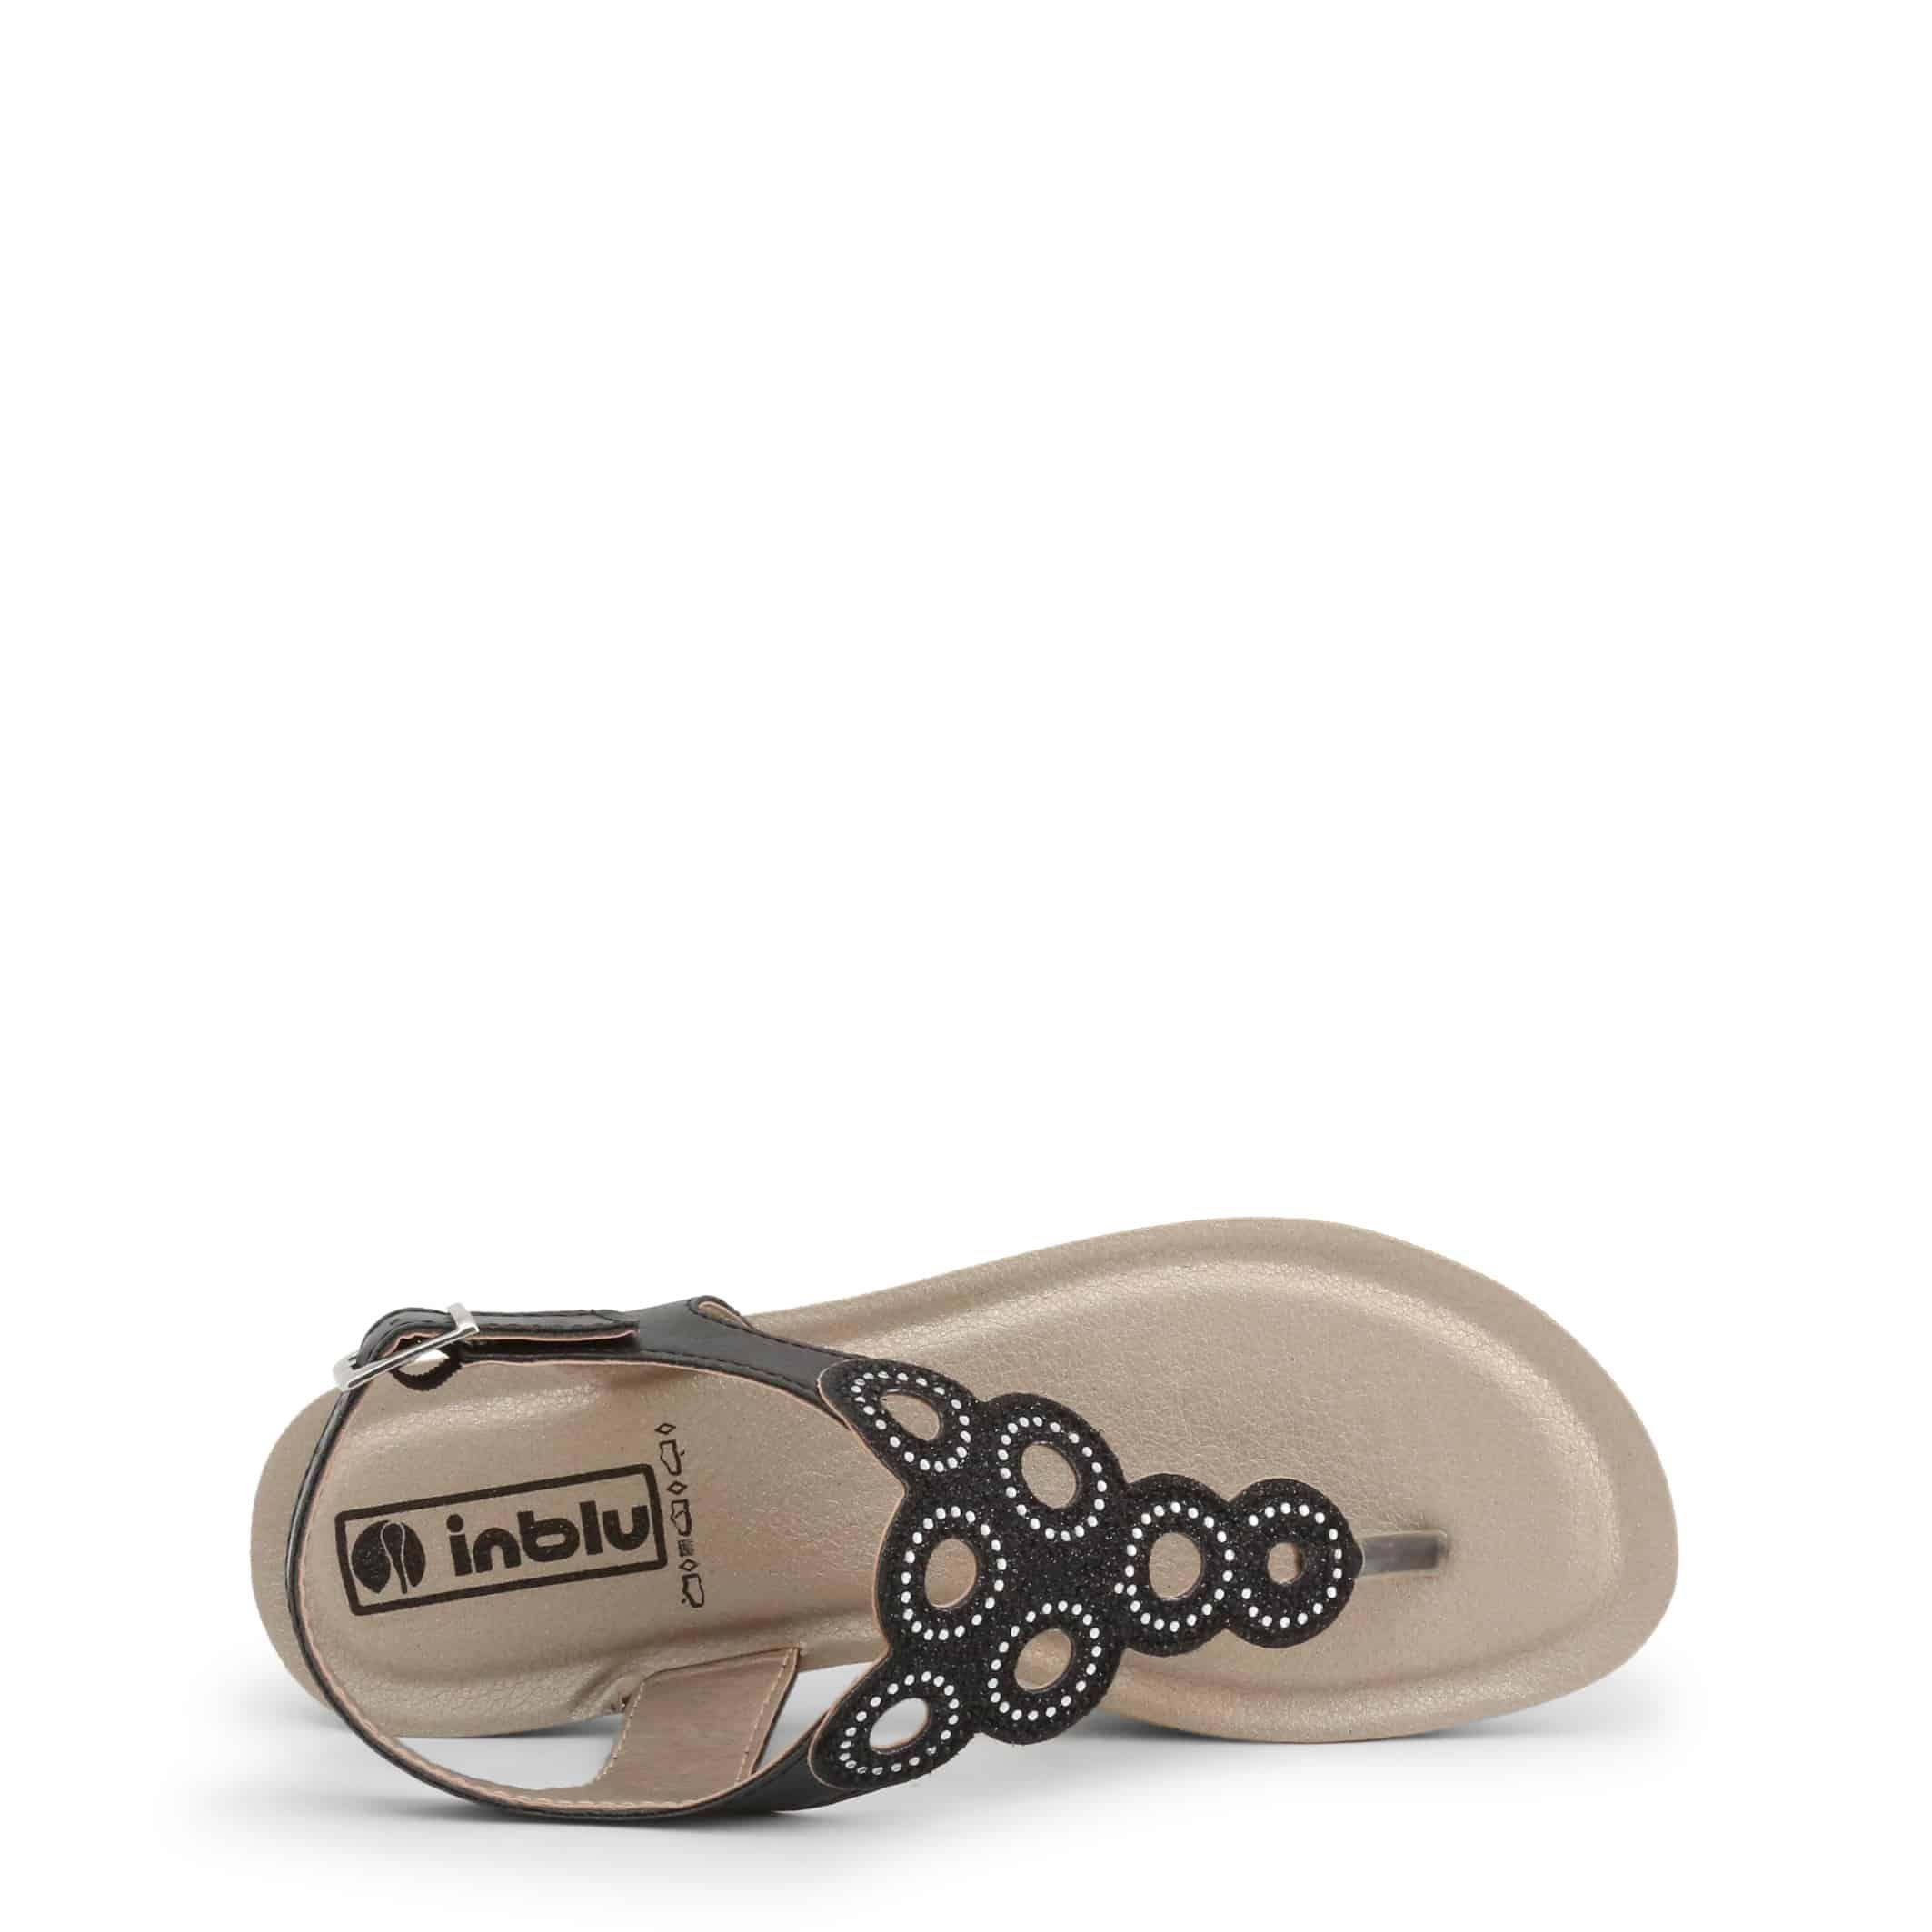 Nu-pieds et Tongs Inblu – BA000028